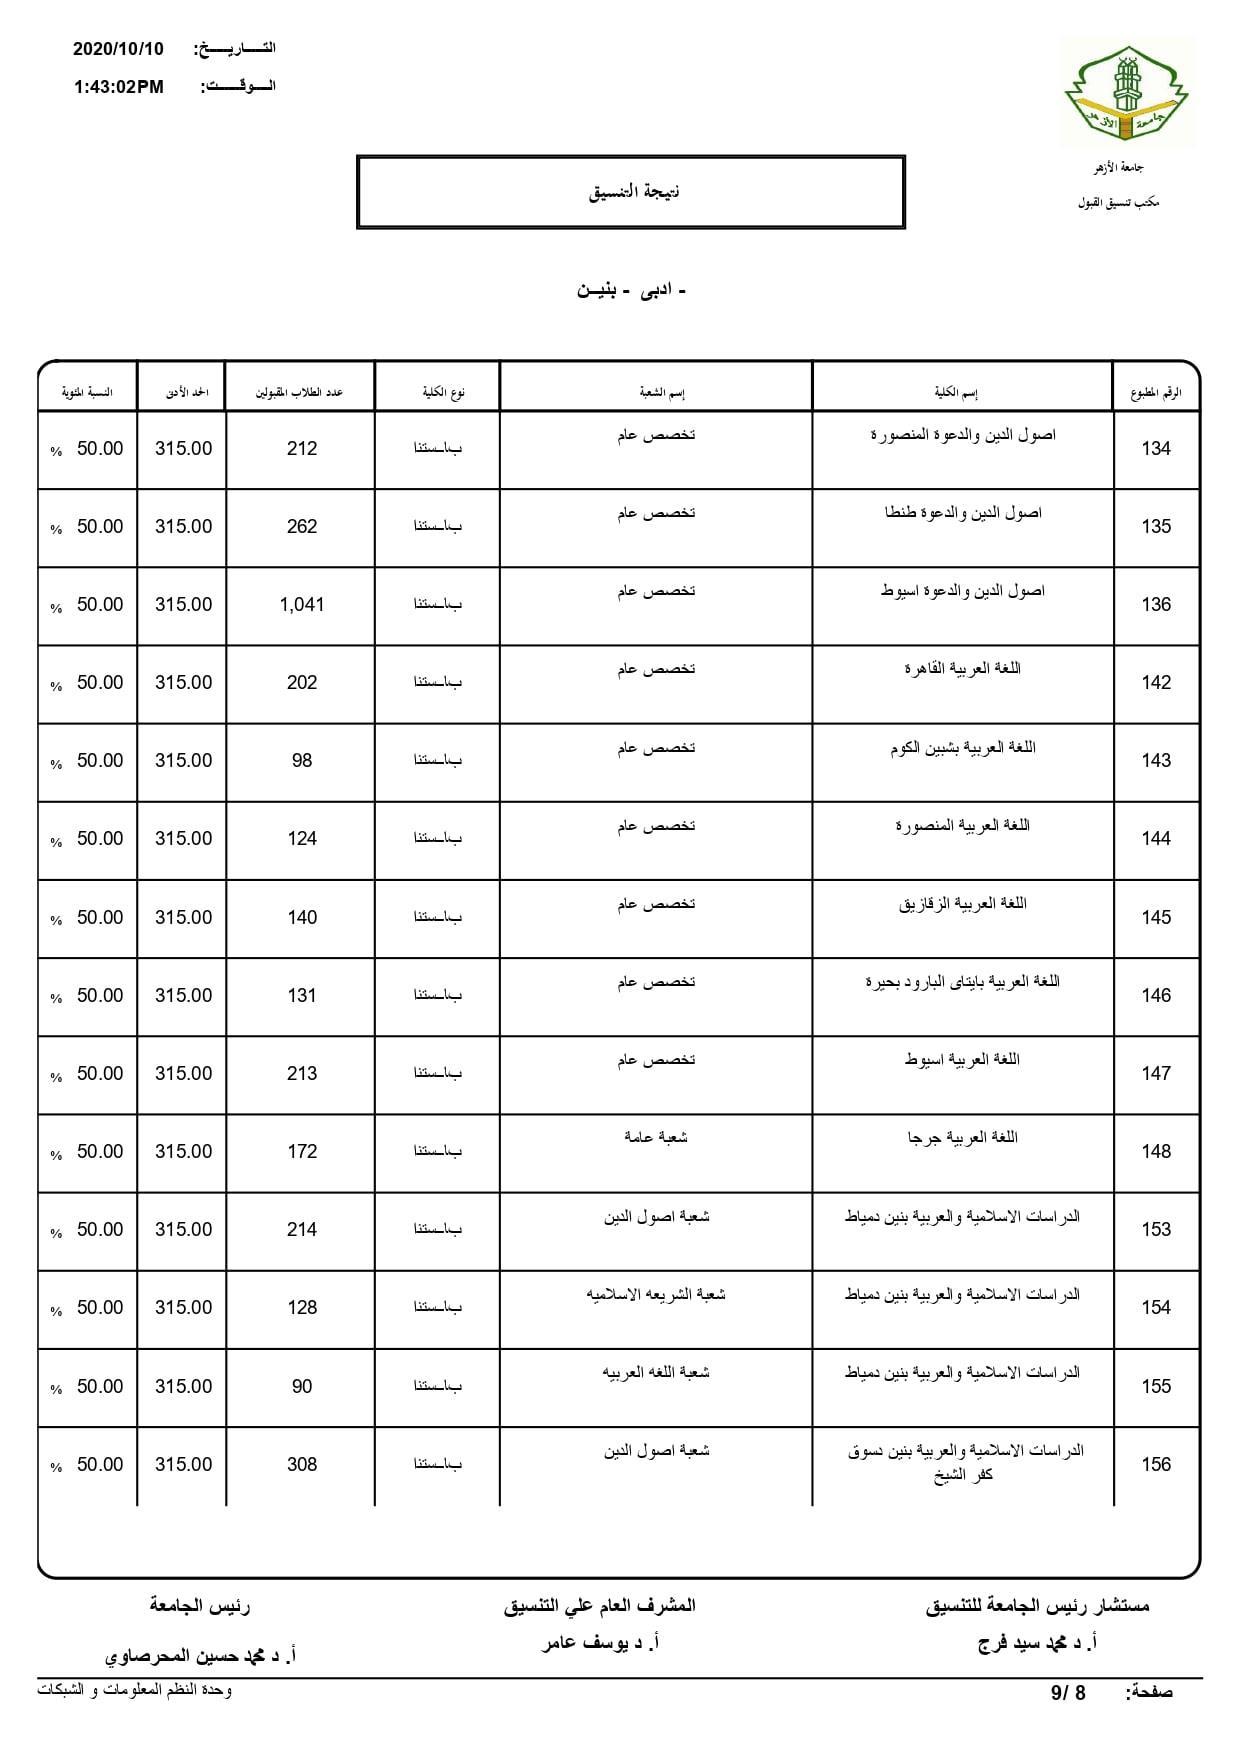 نتيجة تنسيق كليات جامعة الأزهر لعام 2020 بالكامل 20201010201828862